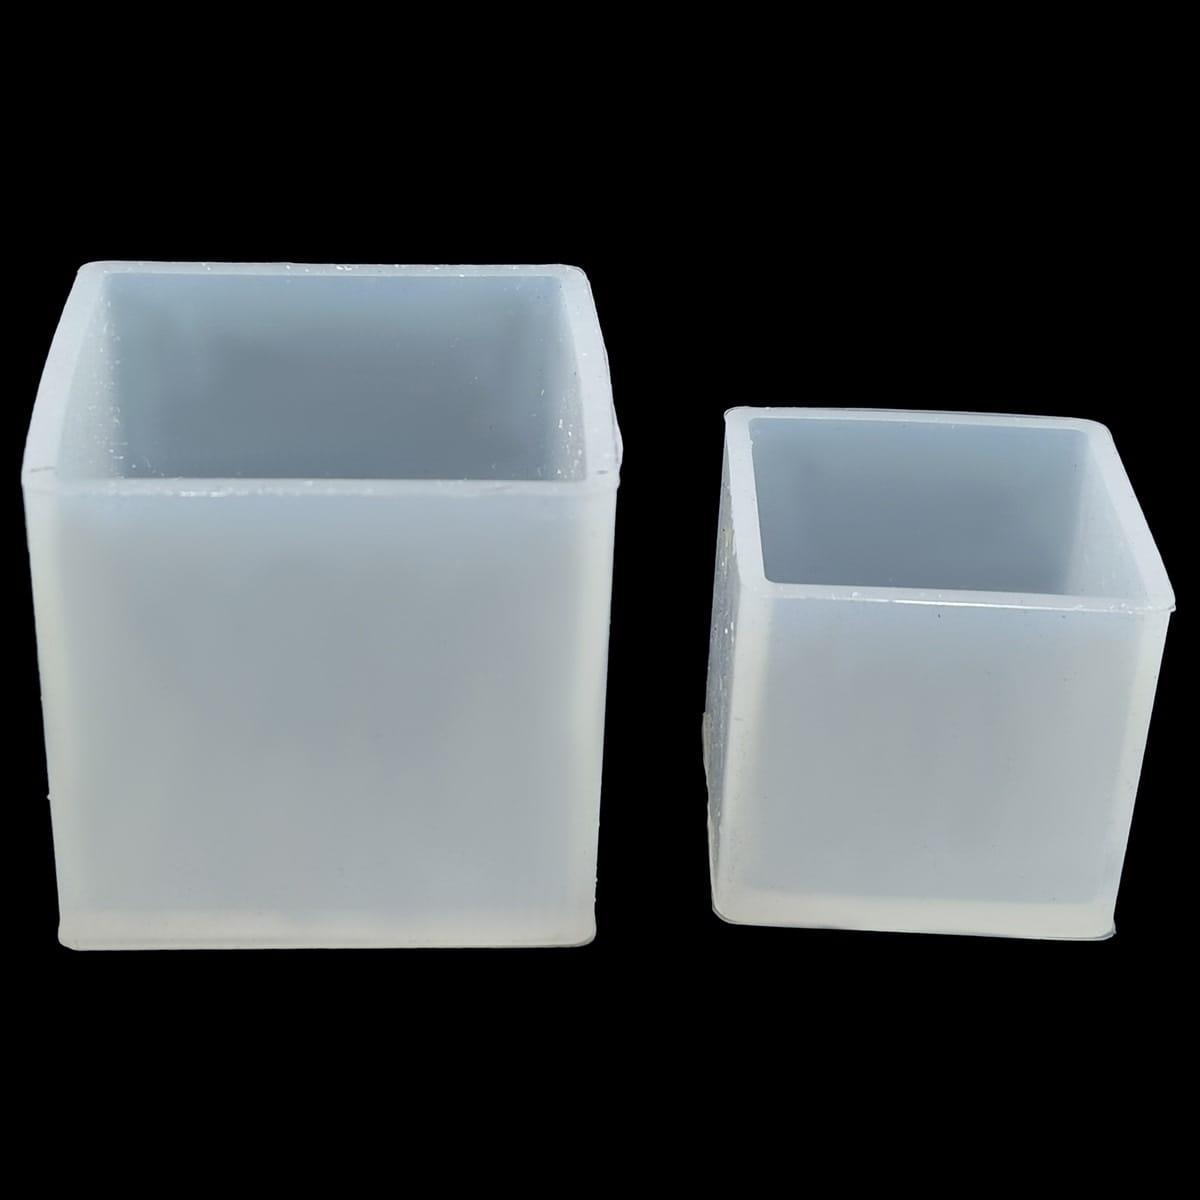 Silicone Mould 2 Pcs Set - Cube